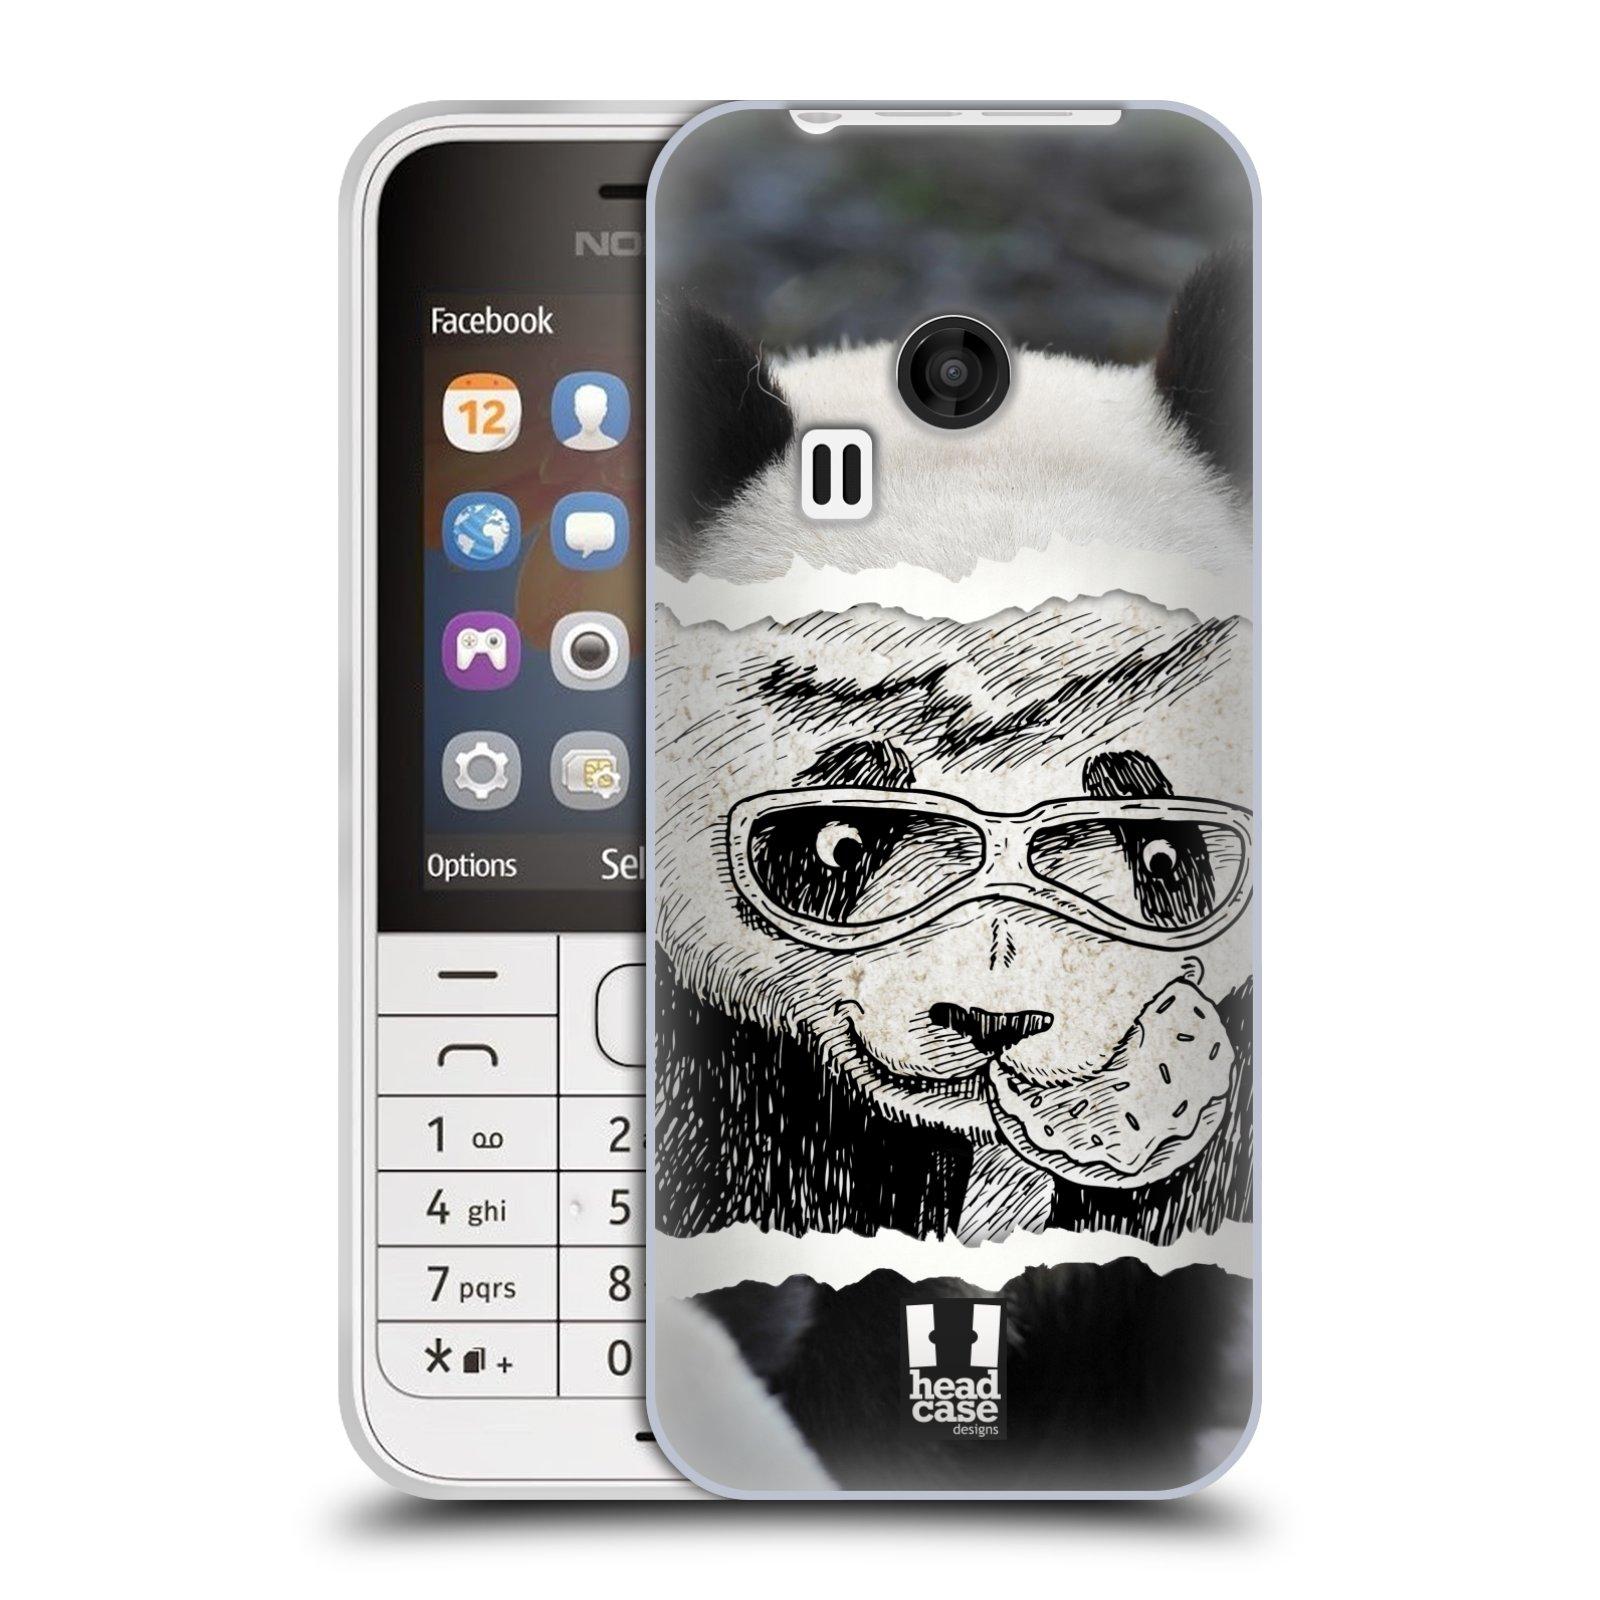 HEAD CASE silikonový obal na mobil NOKIA 220 / NOKIA 220 DUAL SIM vzor zvířata koláž roztomilá panda